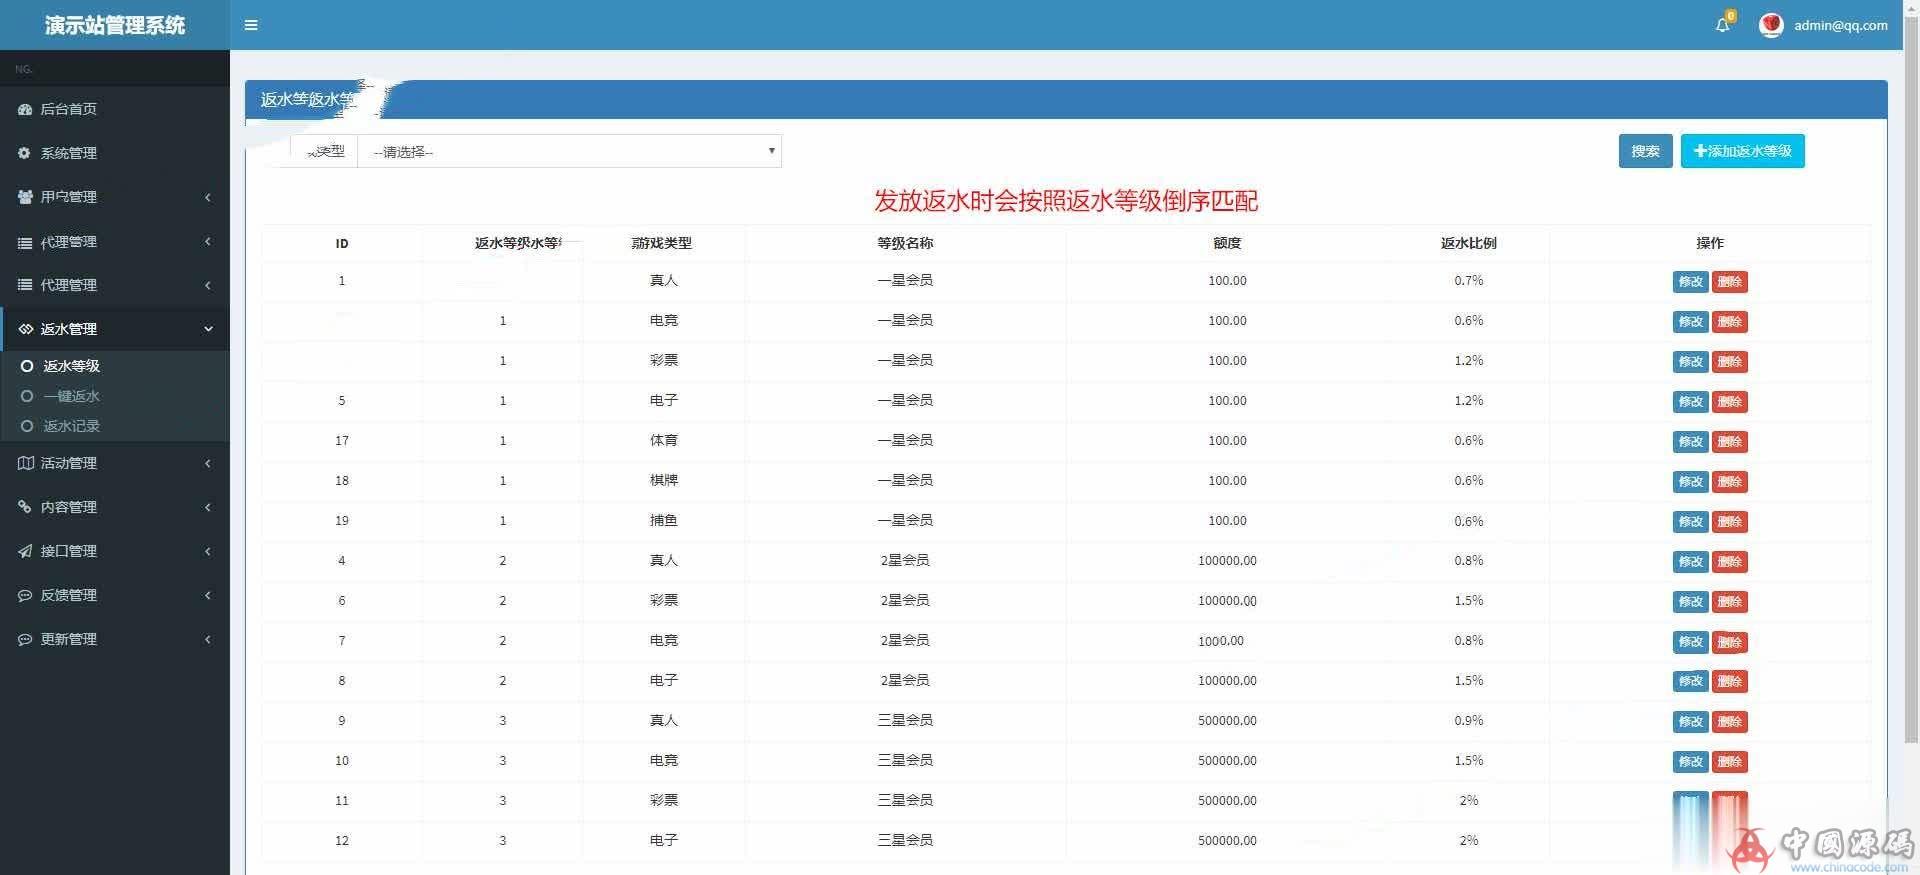 20套模板自由切换YLC整站源码+WAP手机端+免转系统+代理系统+安装教程 网站-第7张